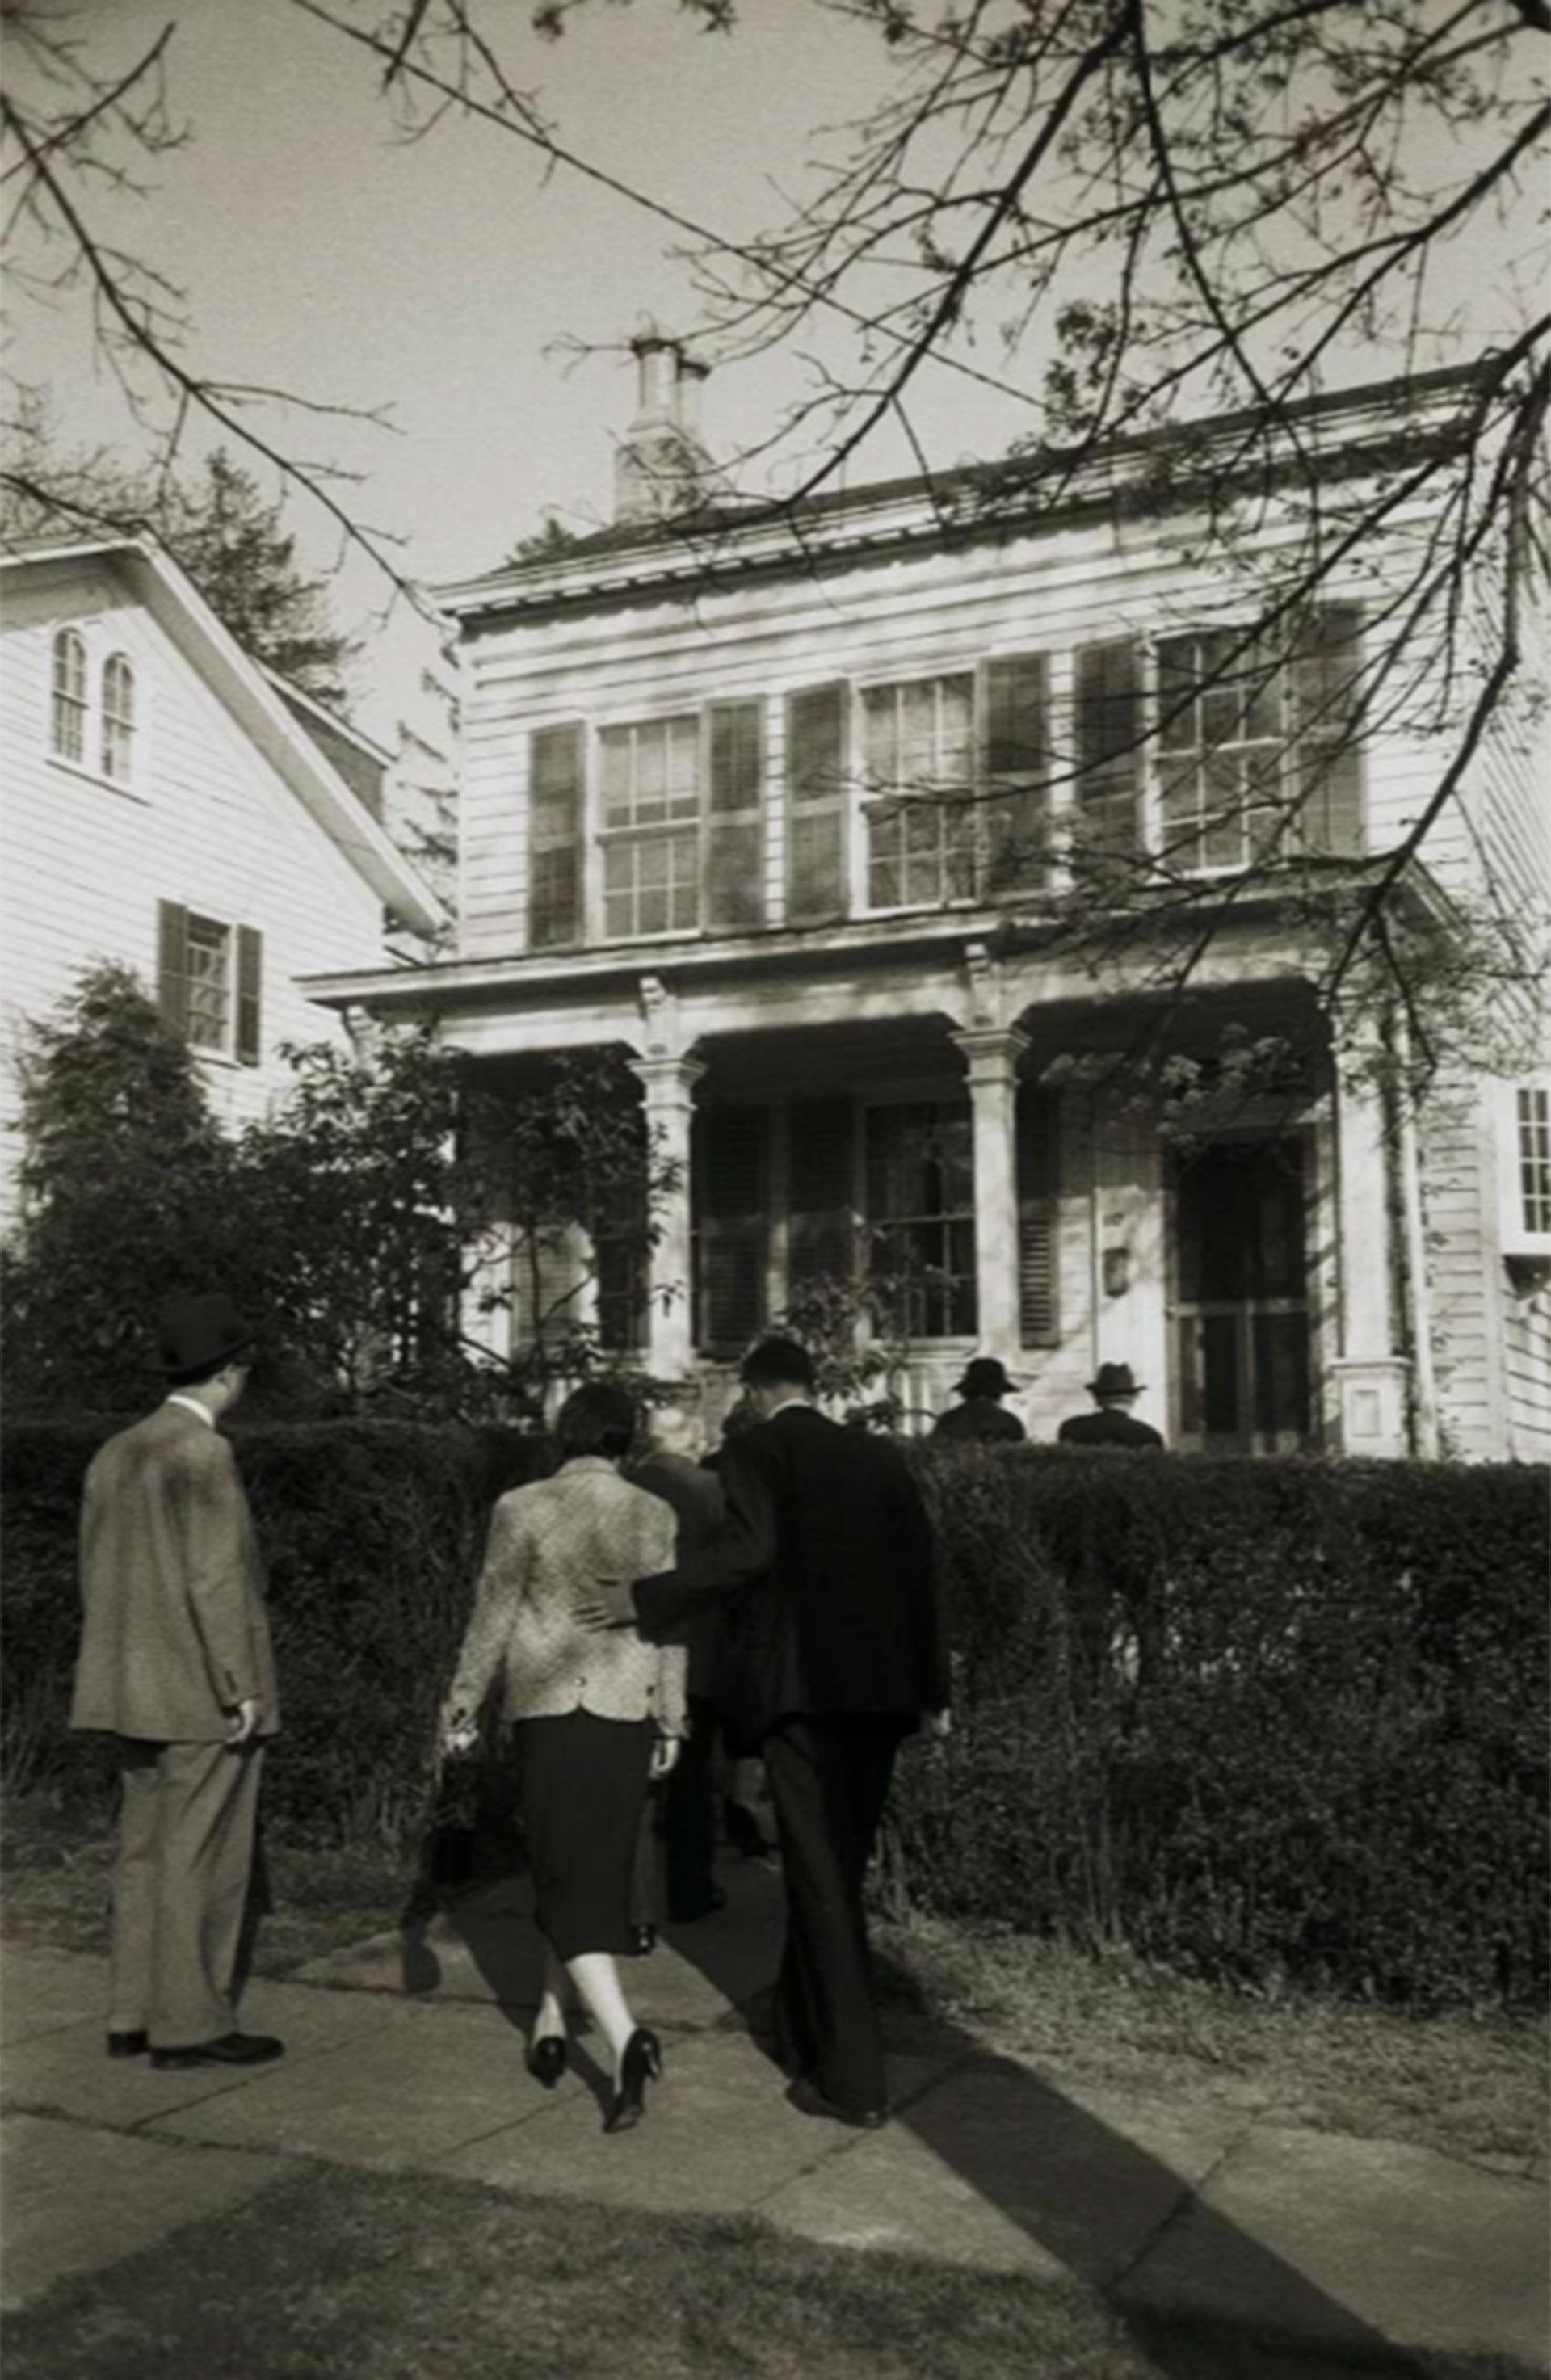 La familia y amigos de Albert Einstein ingresan a la vivienda donde el físico alemán viviera durante 20 años en Princeton (Ralph Morse -Life Magazine- Getty)